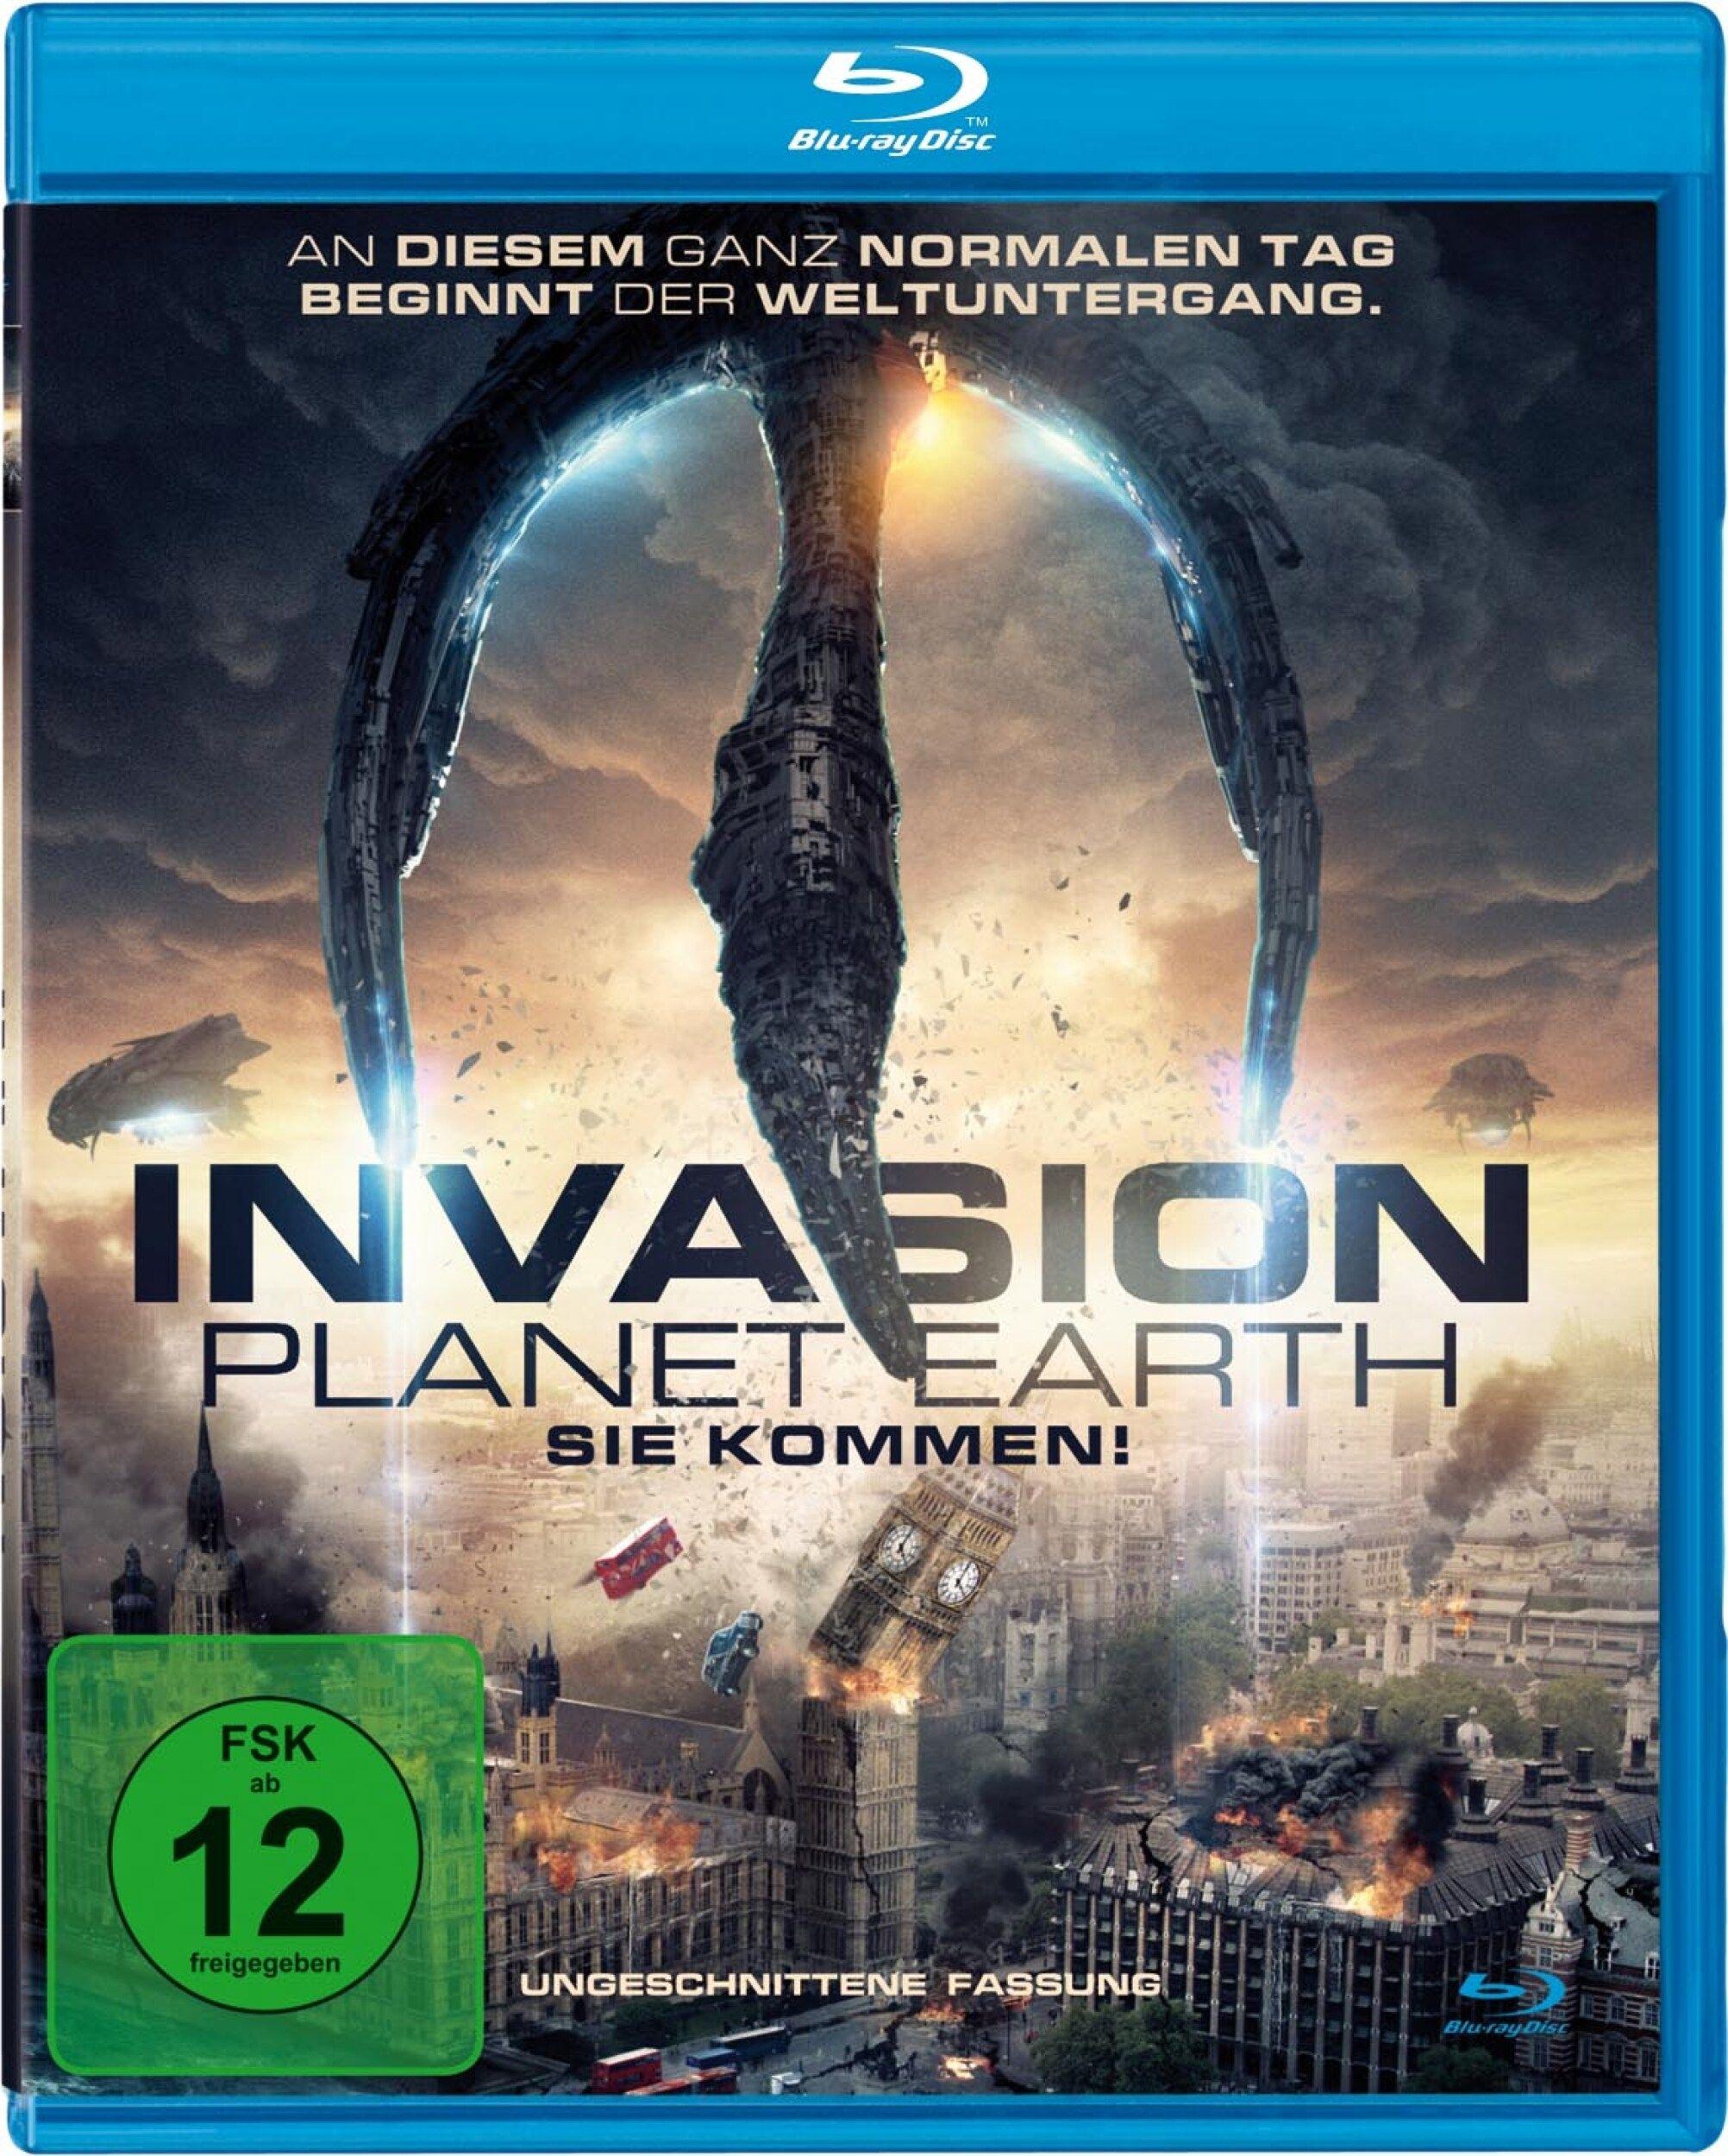 Invasion Planet Earth - Sie kommen! (BLURAY)